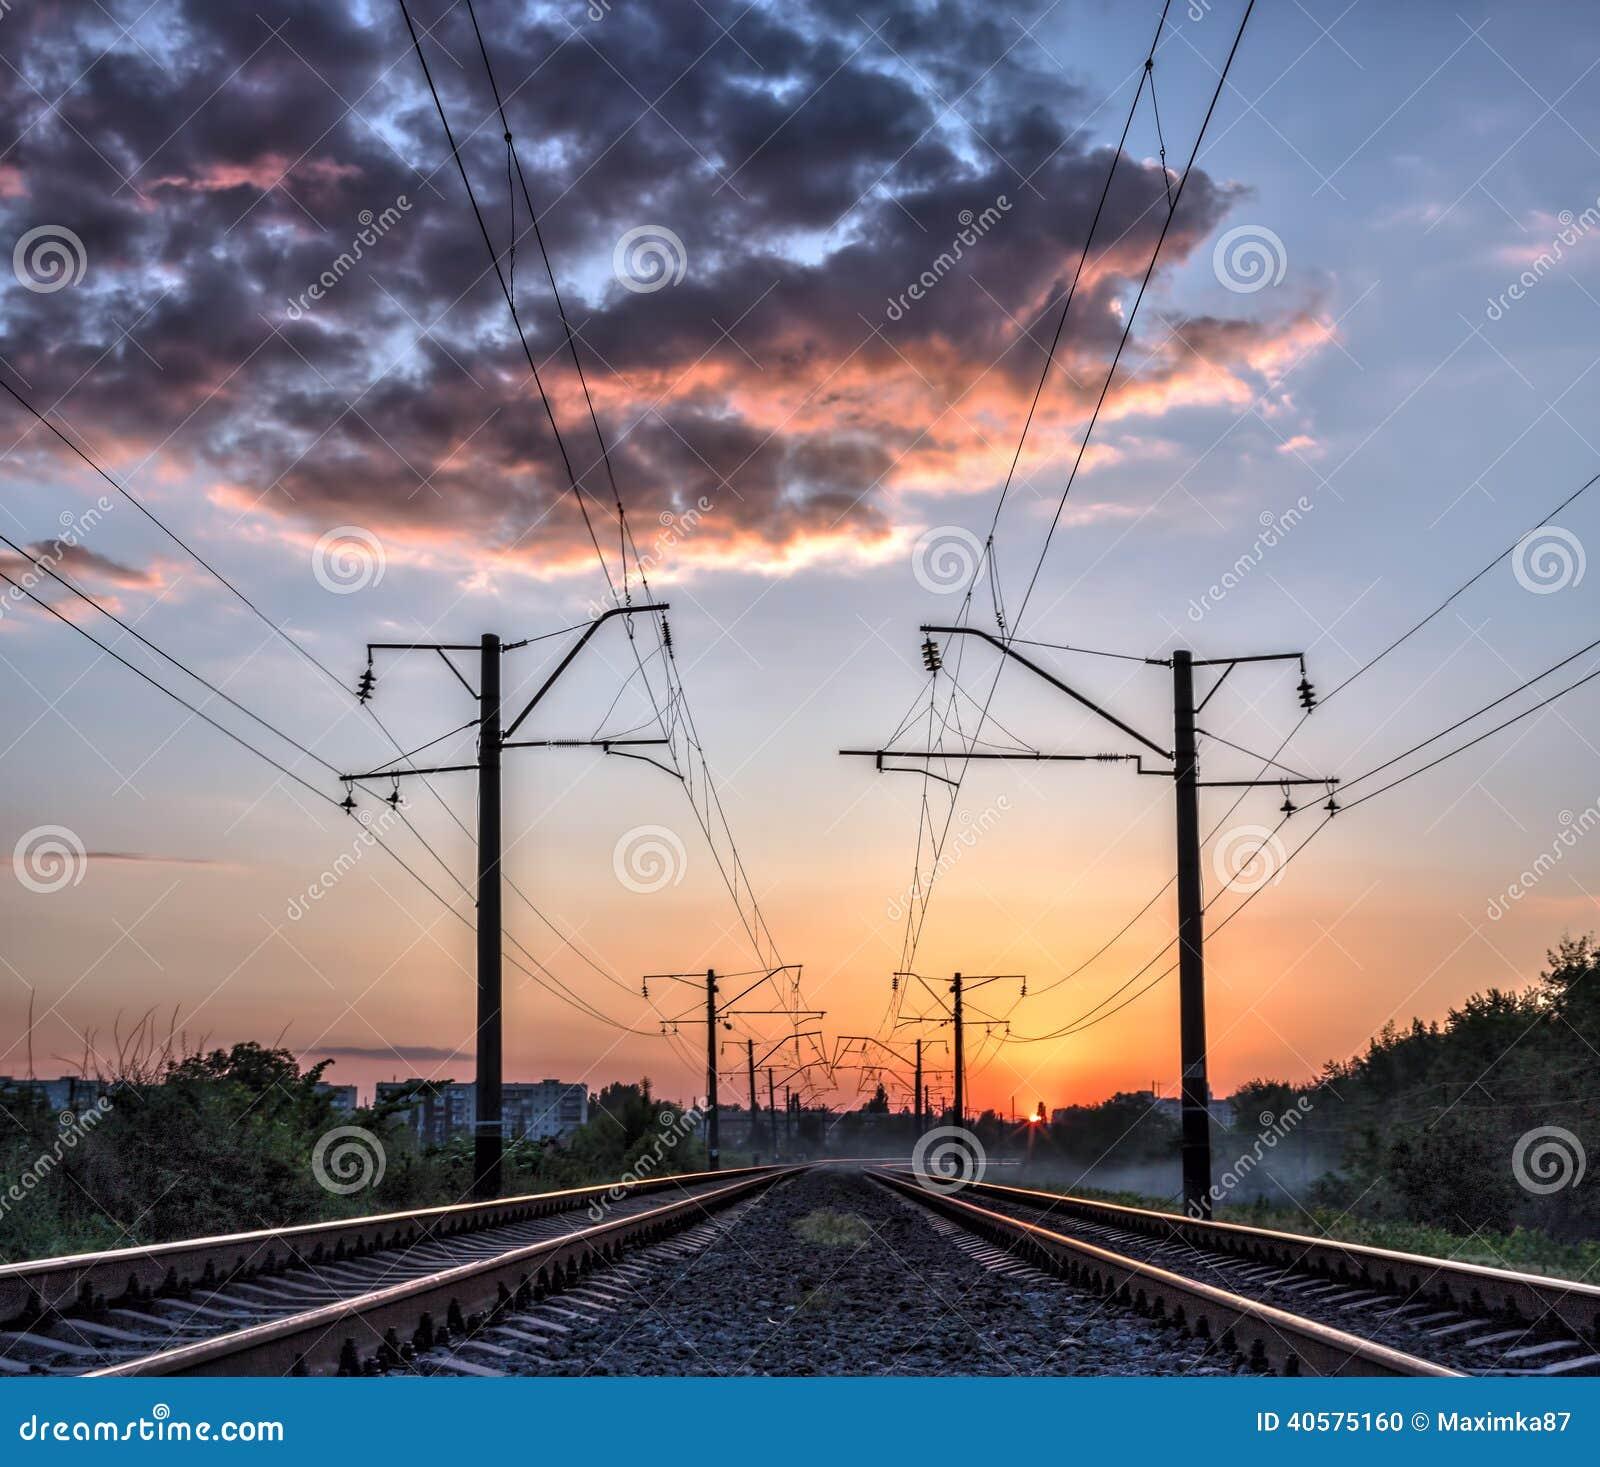 Железная дорога и солнечный свет мистика